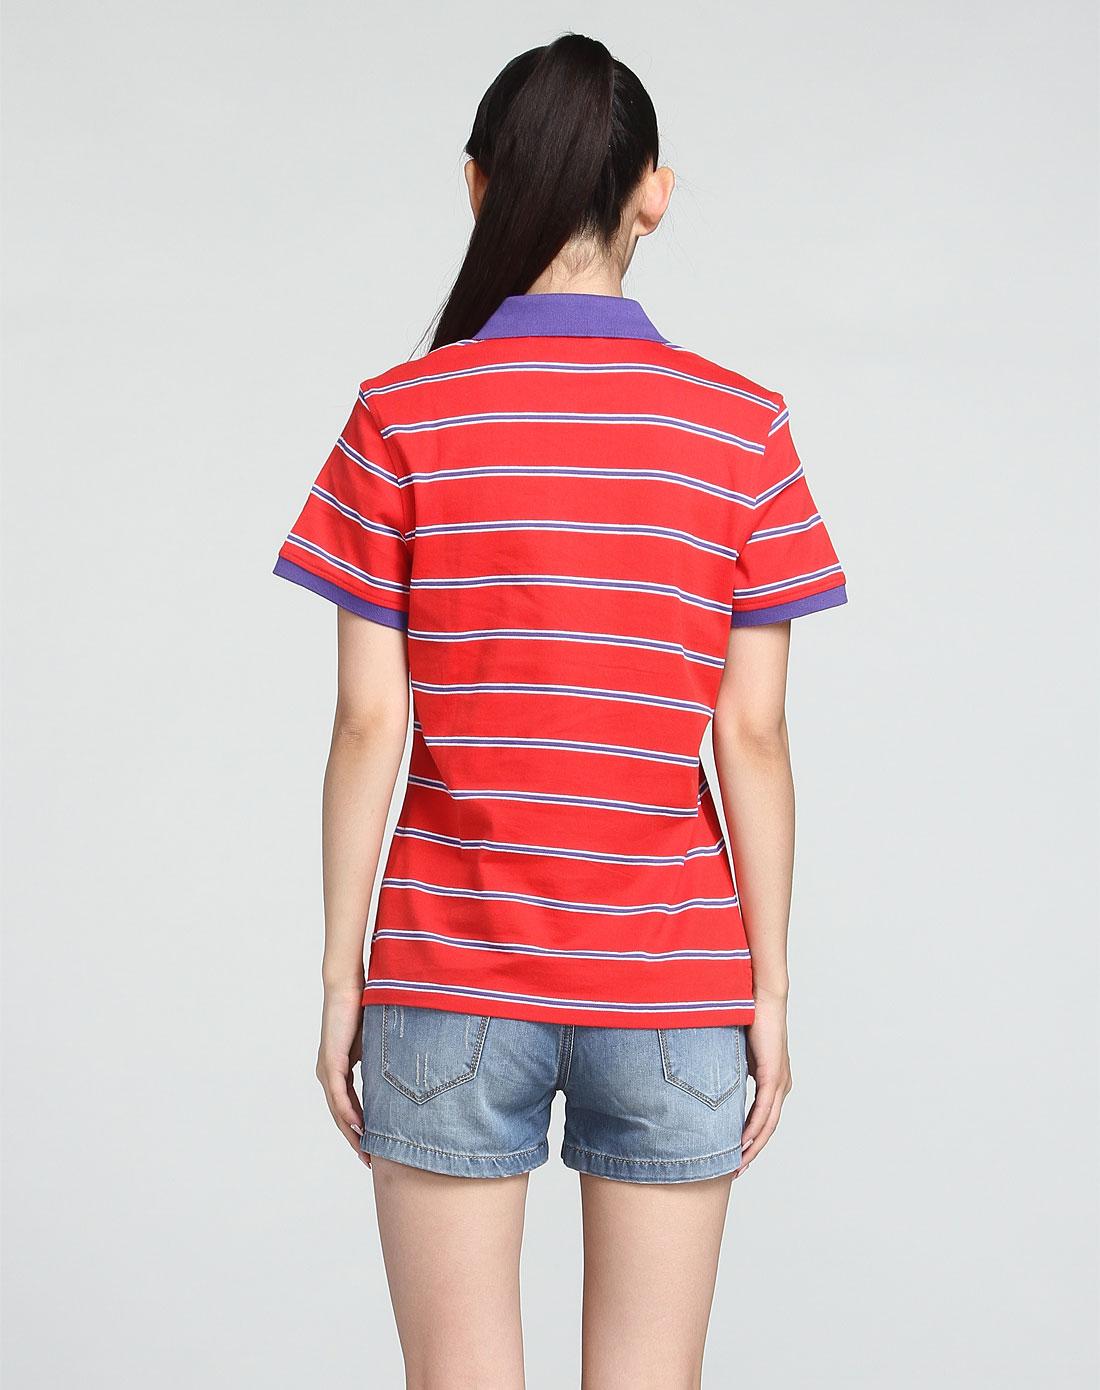 cardin男女装女款红色时尚条纹短袖